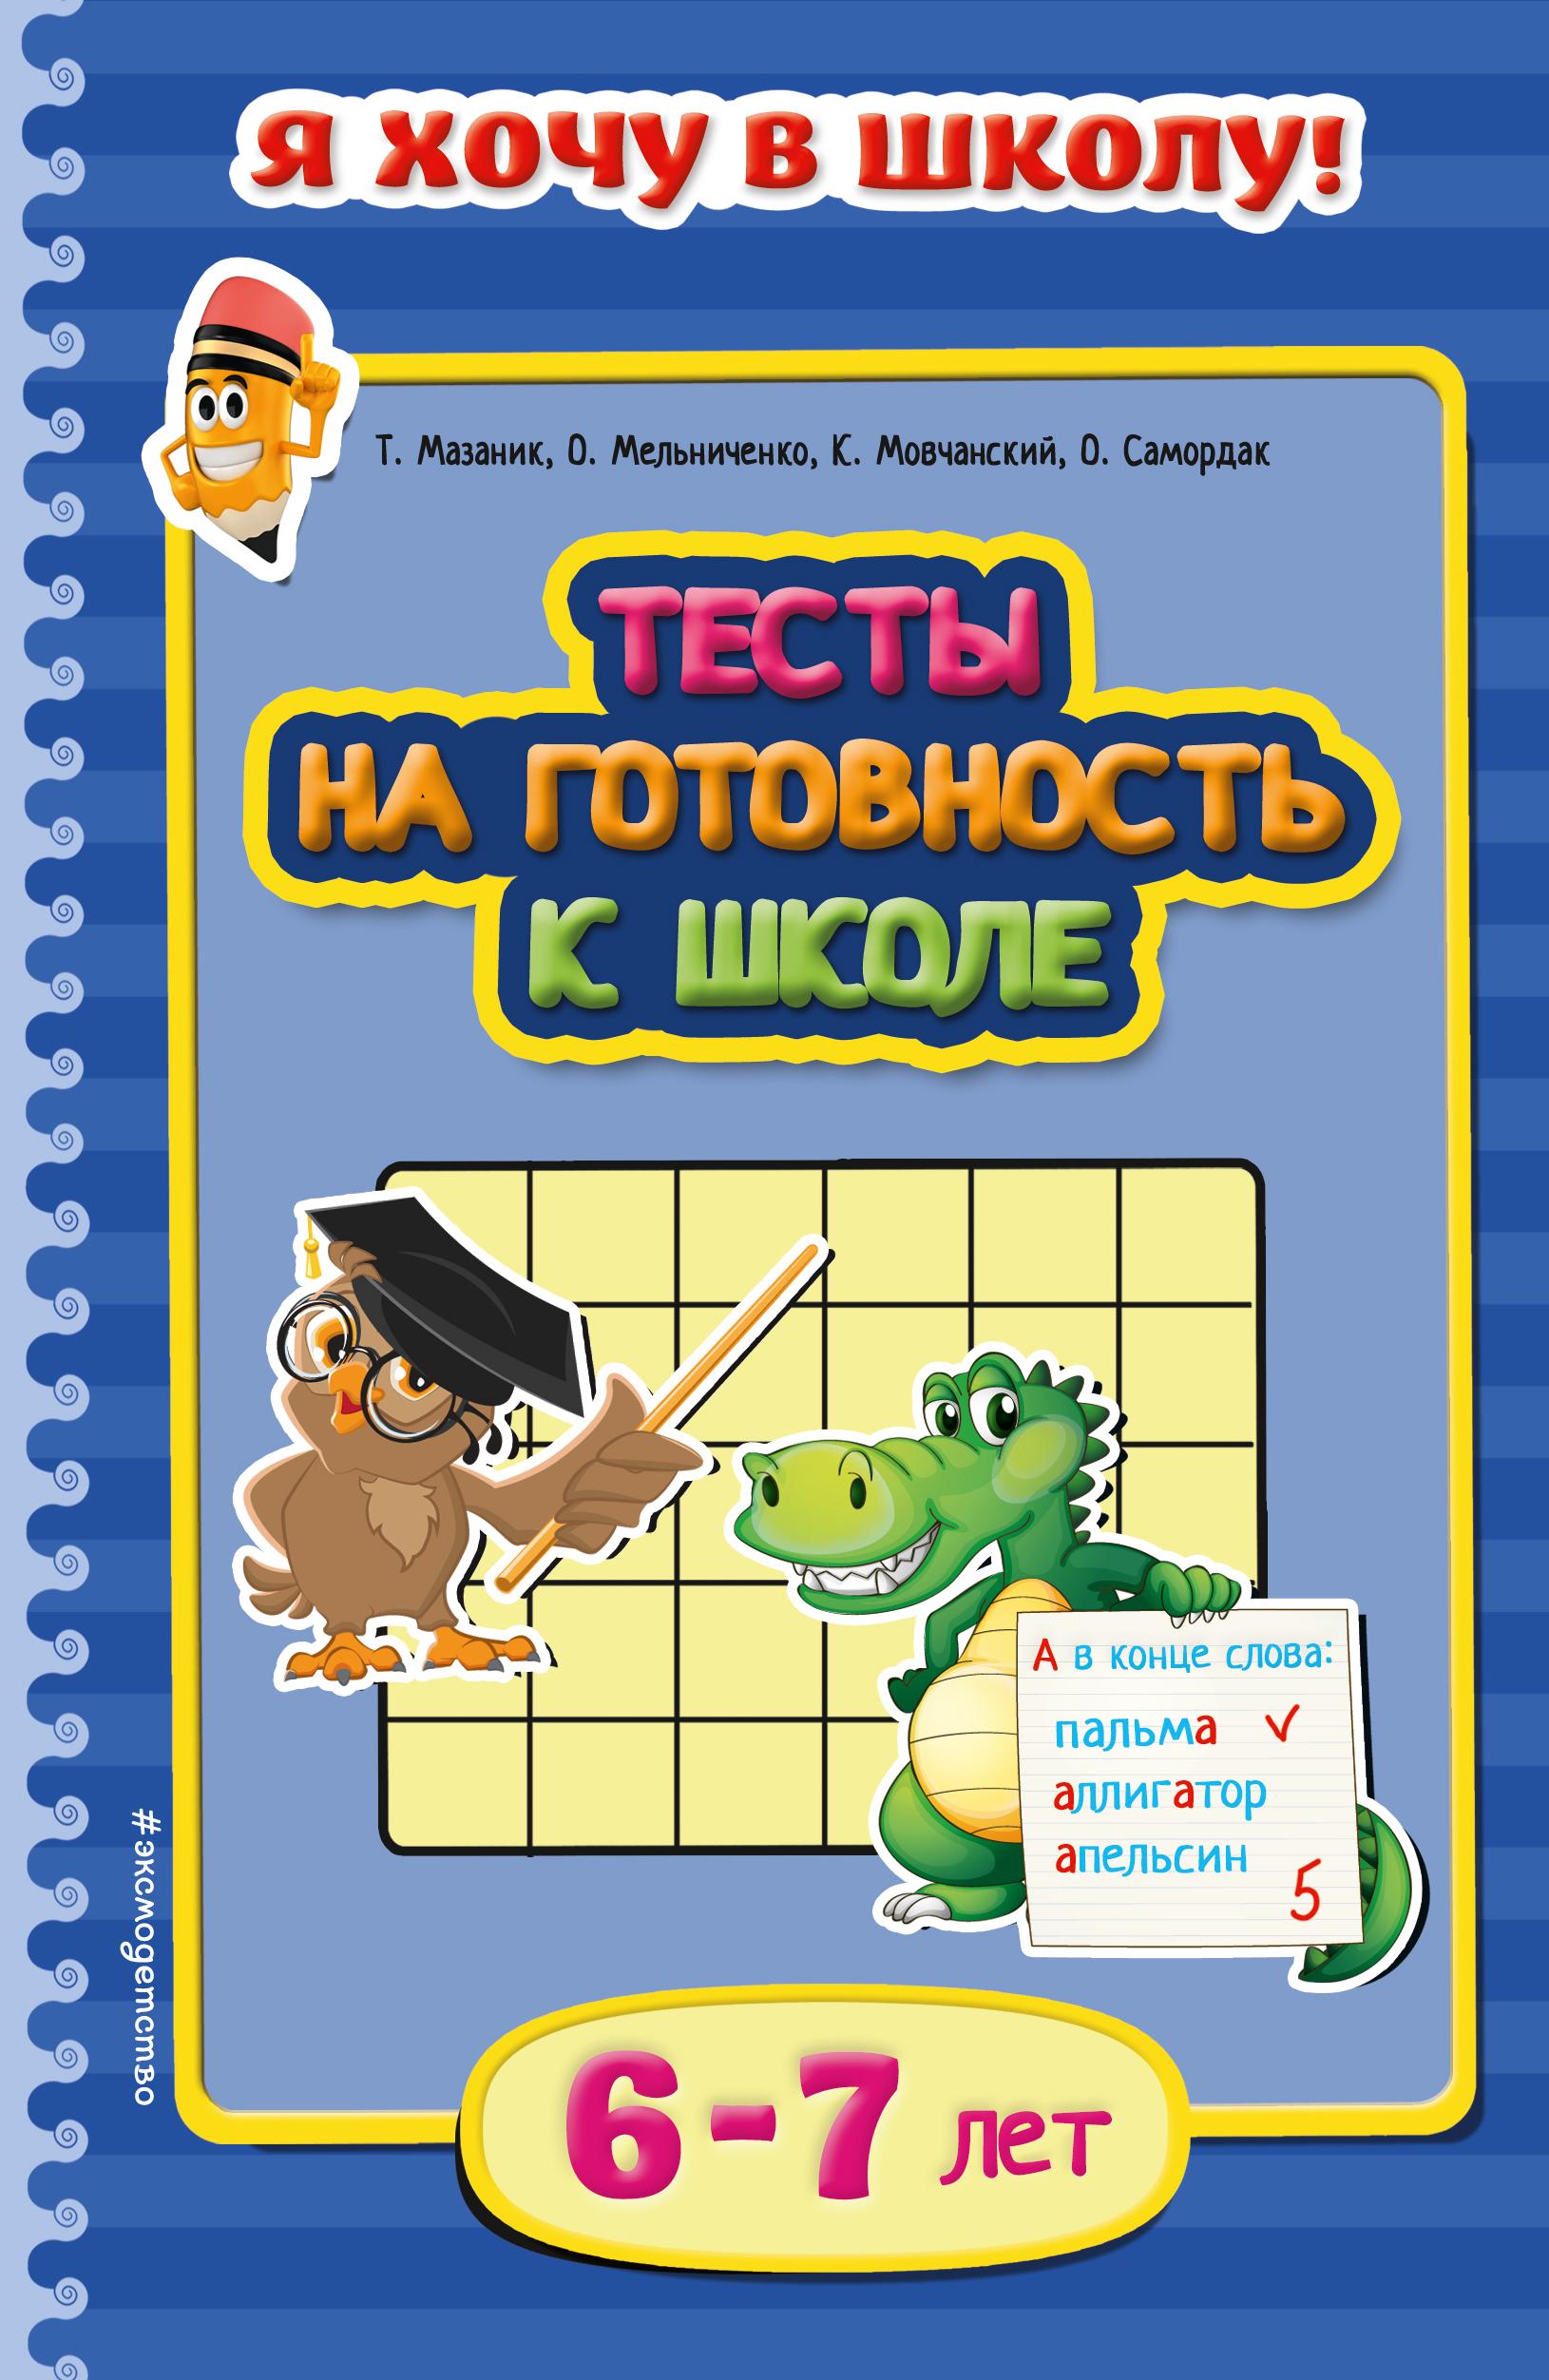 Тесты на готовность к школе: для детей 6-7 лет ( Мазаник Т.М., Мельниченко О., Мовчанский К.Е.  )